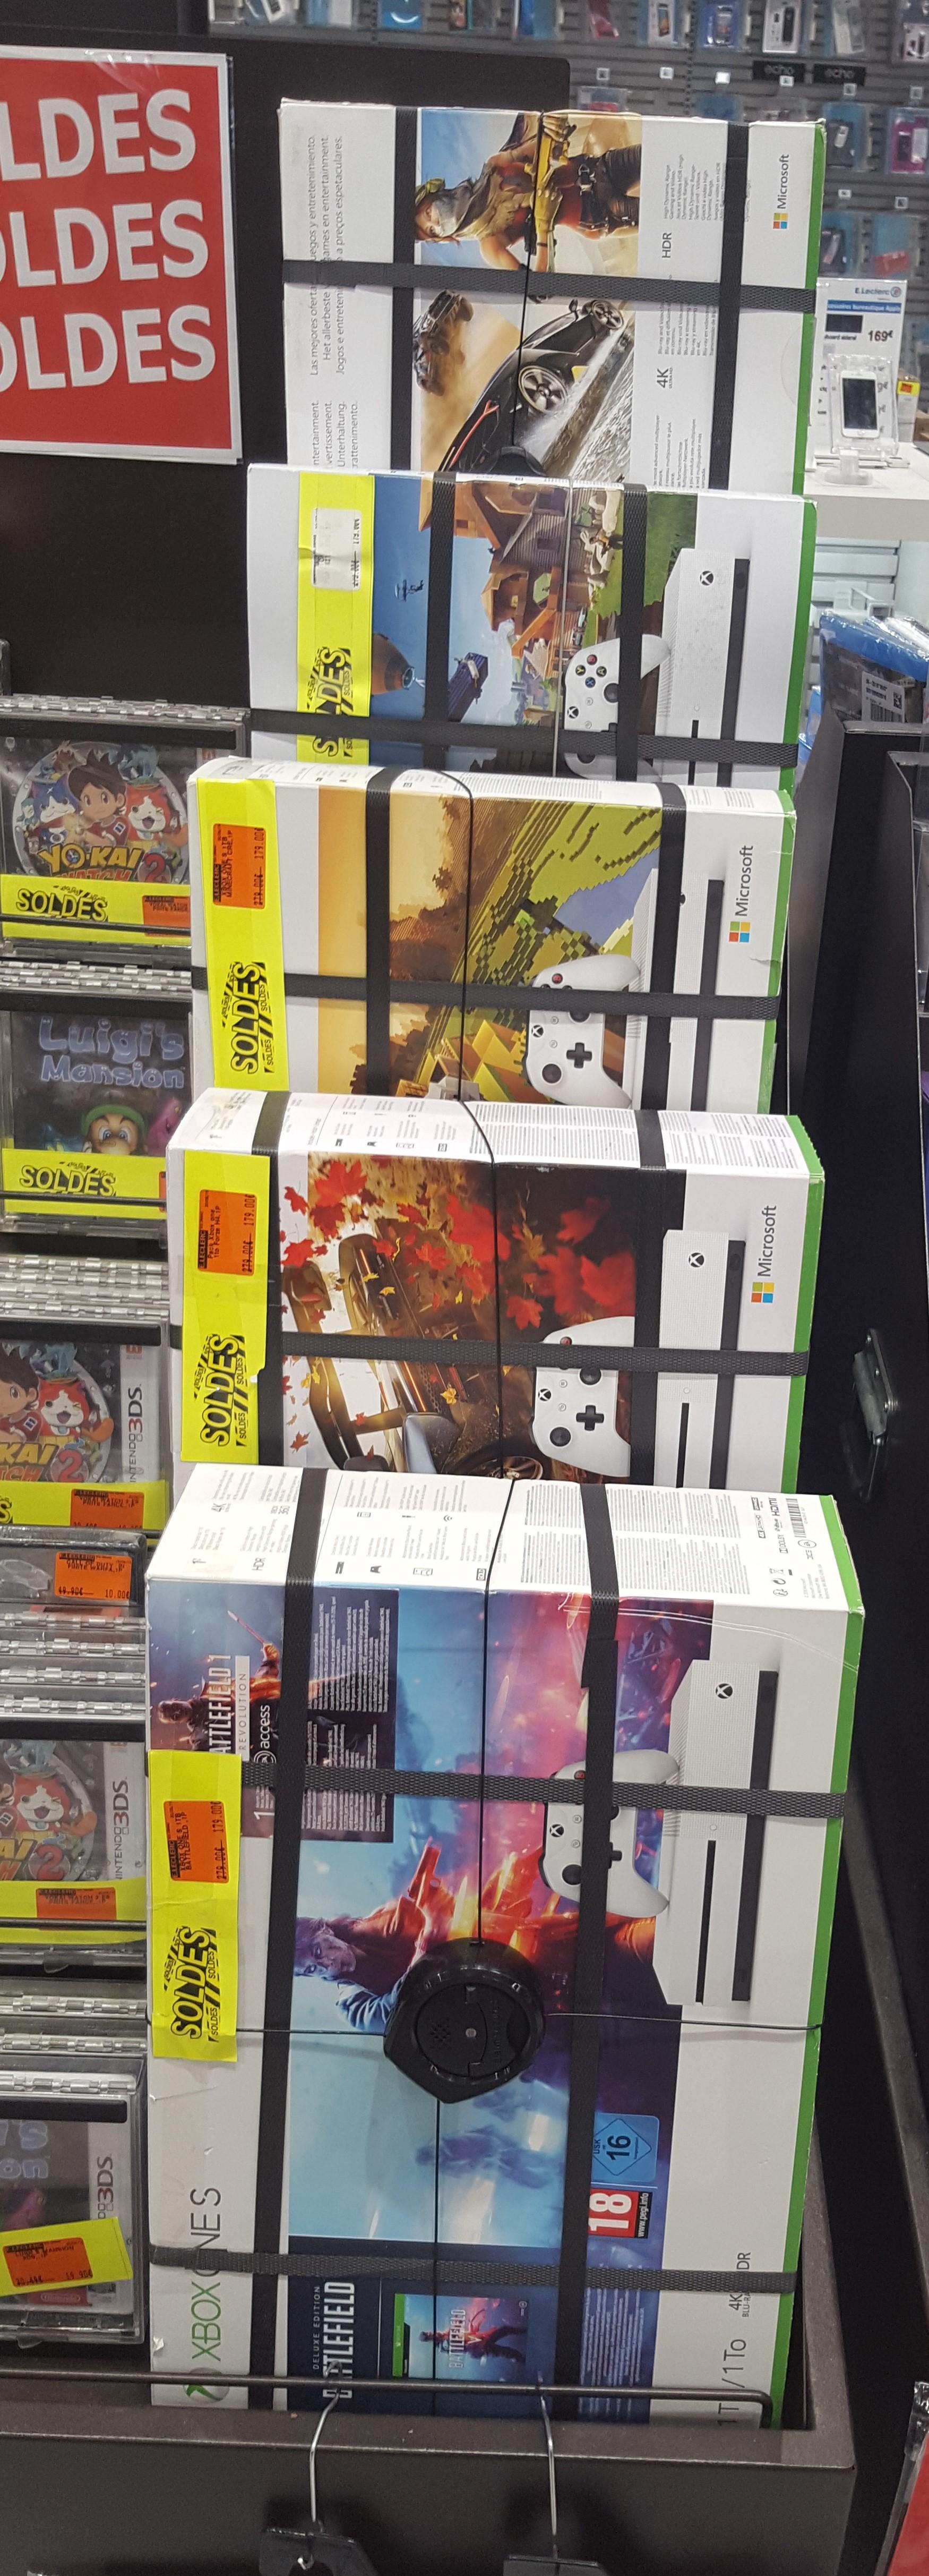 Sélection de Packs console Microsoft Xbox One S (1 To) + 1 jeu - Terville (57)